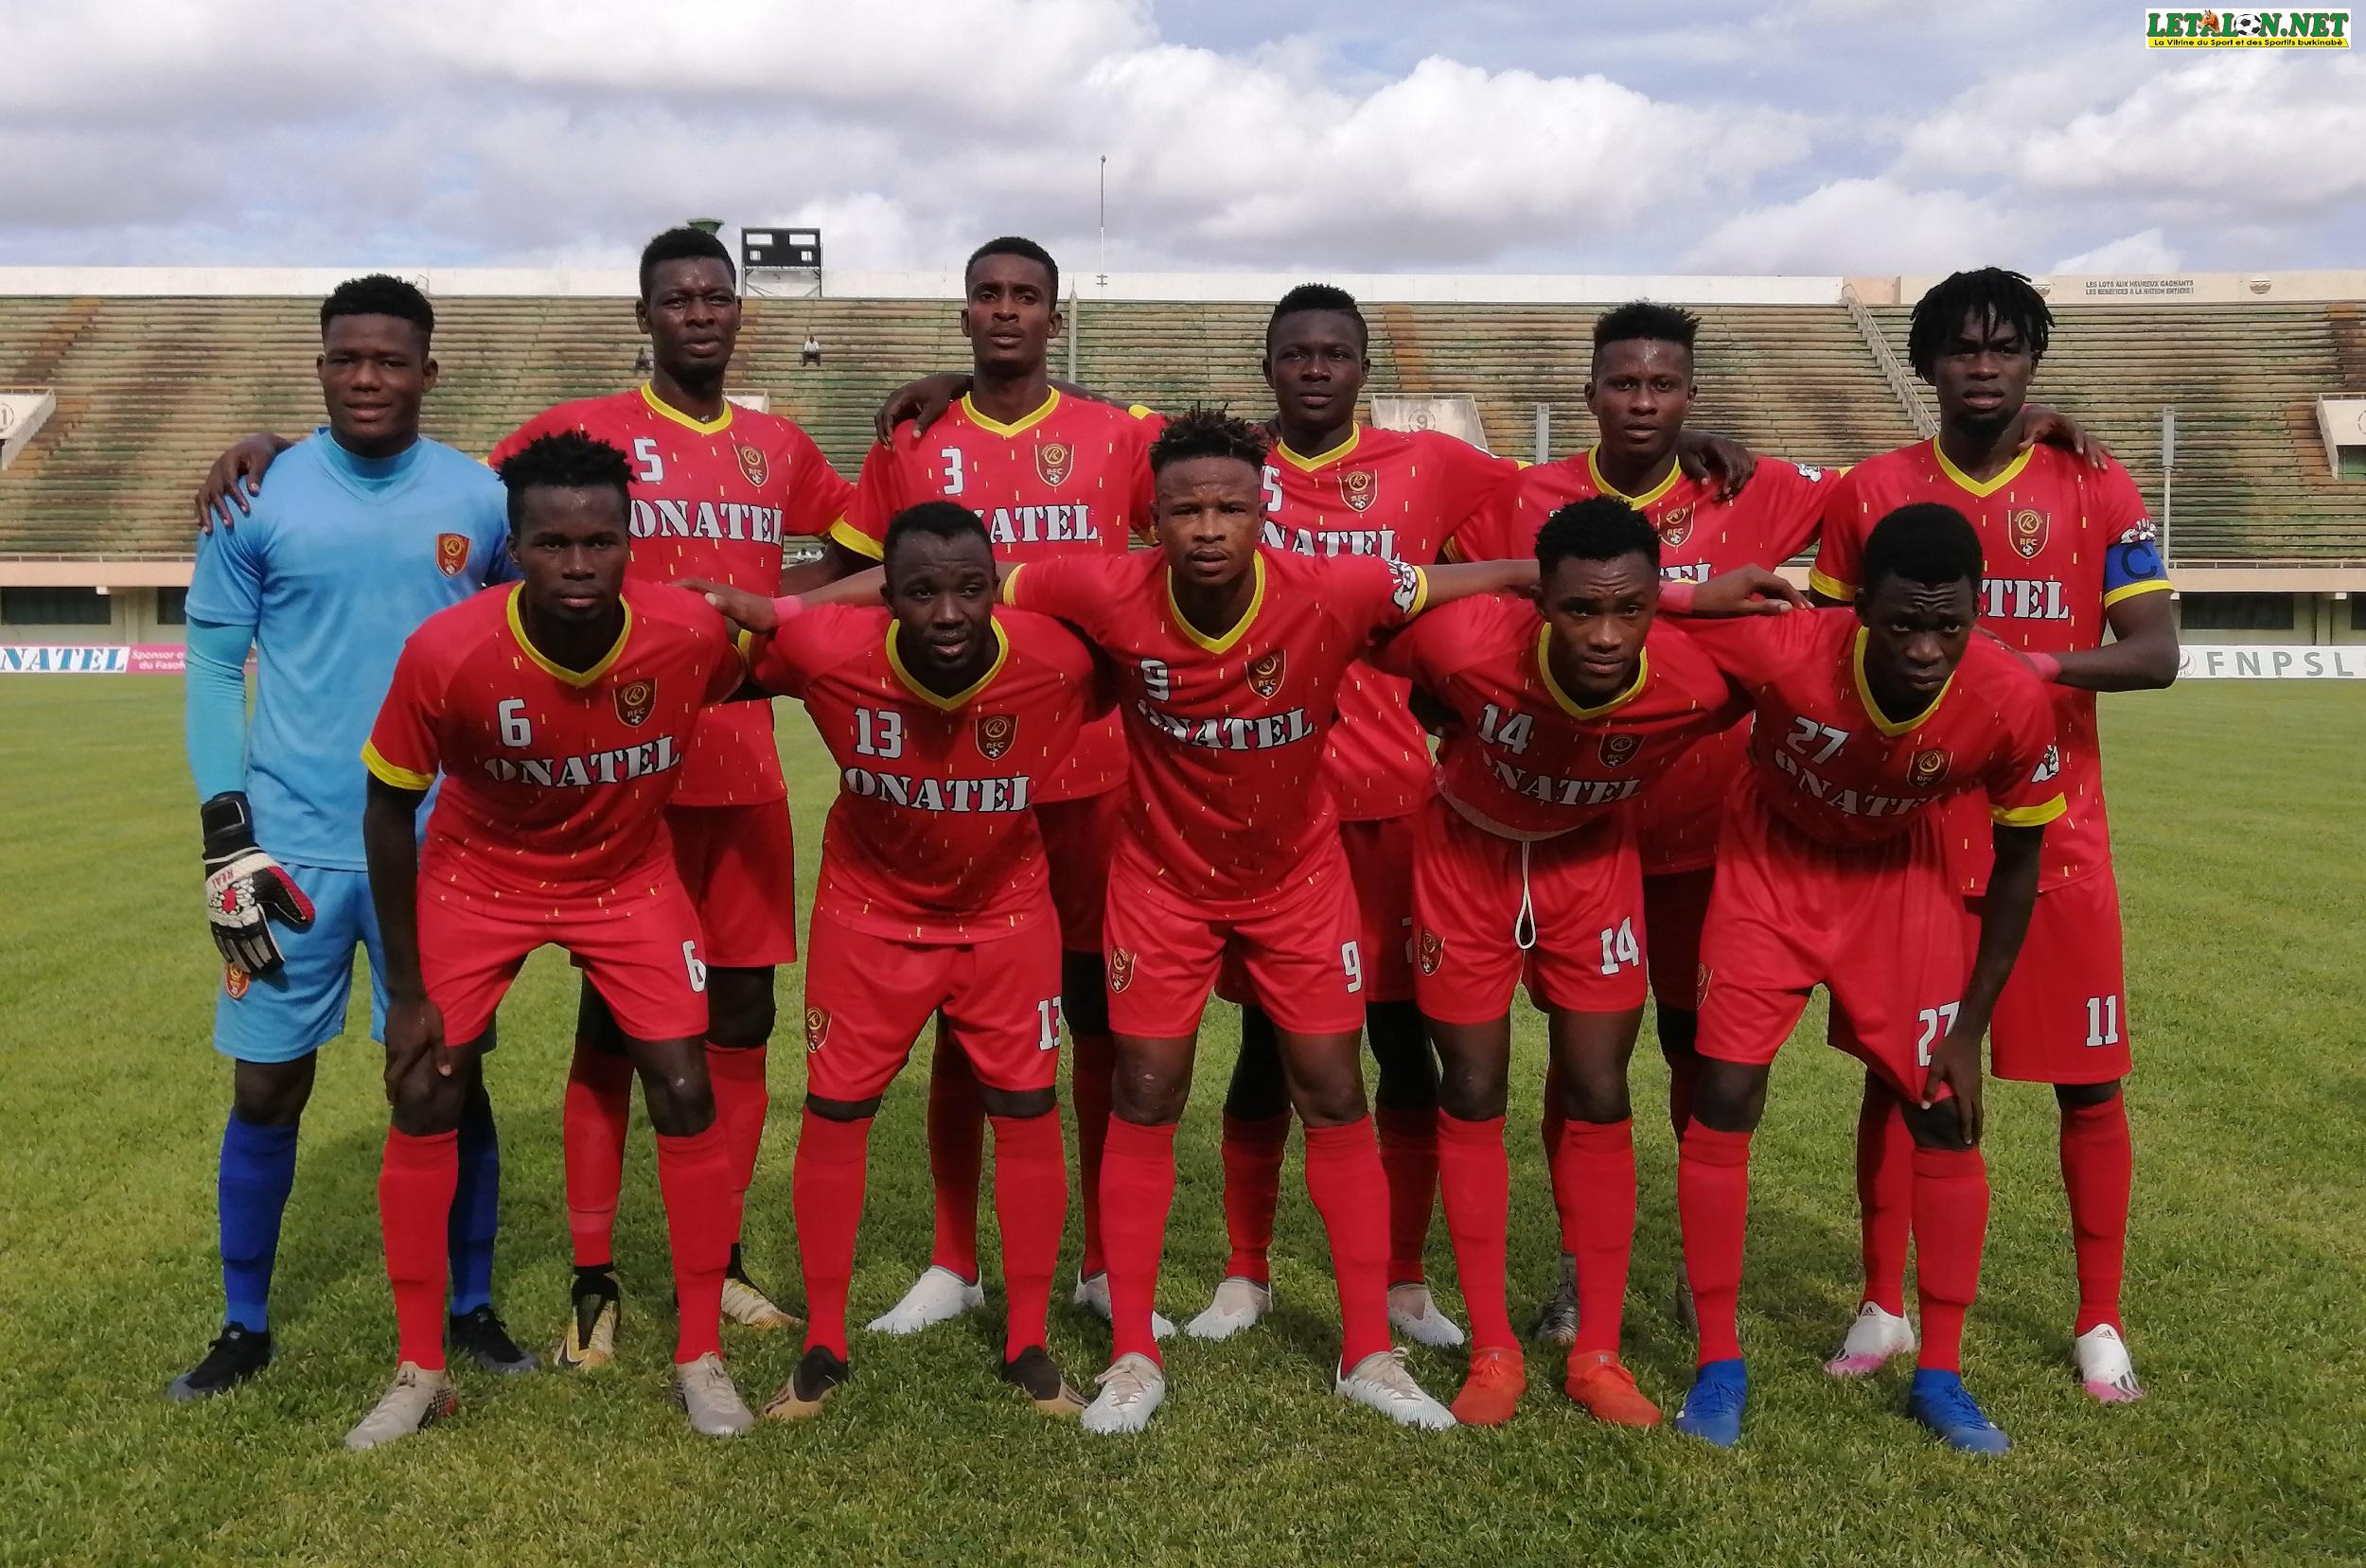 33e journée Fasofoot : Rahimo FC cale devant l'EFO 0 à 0